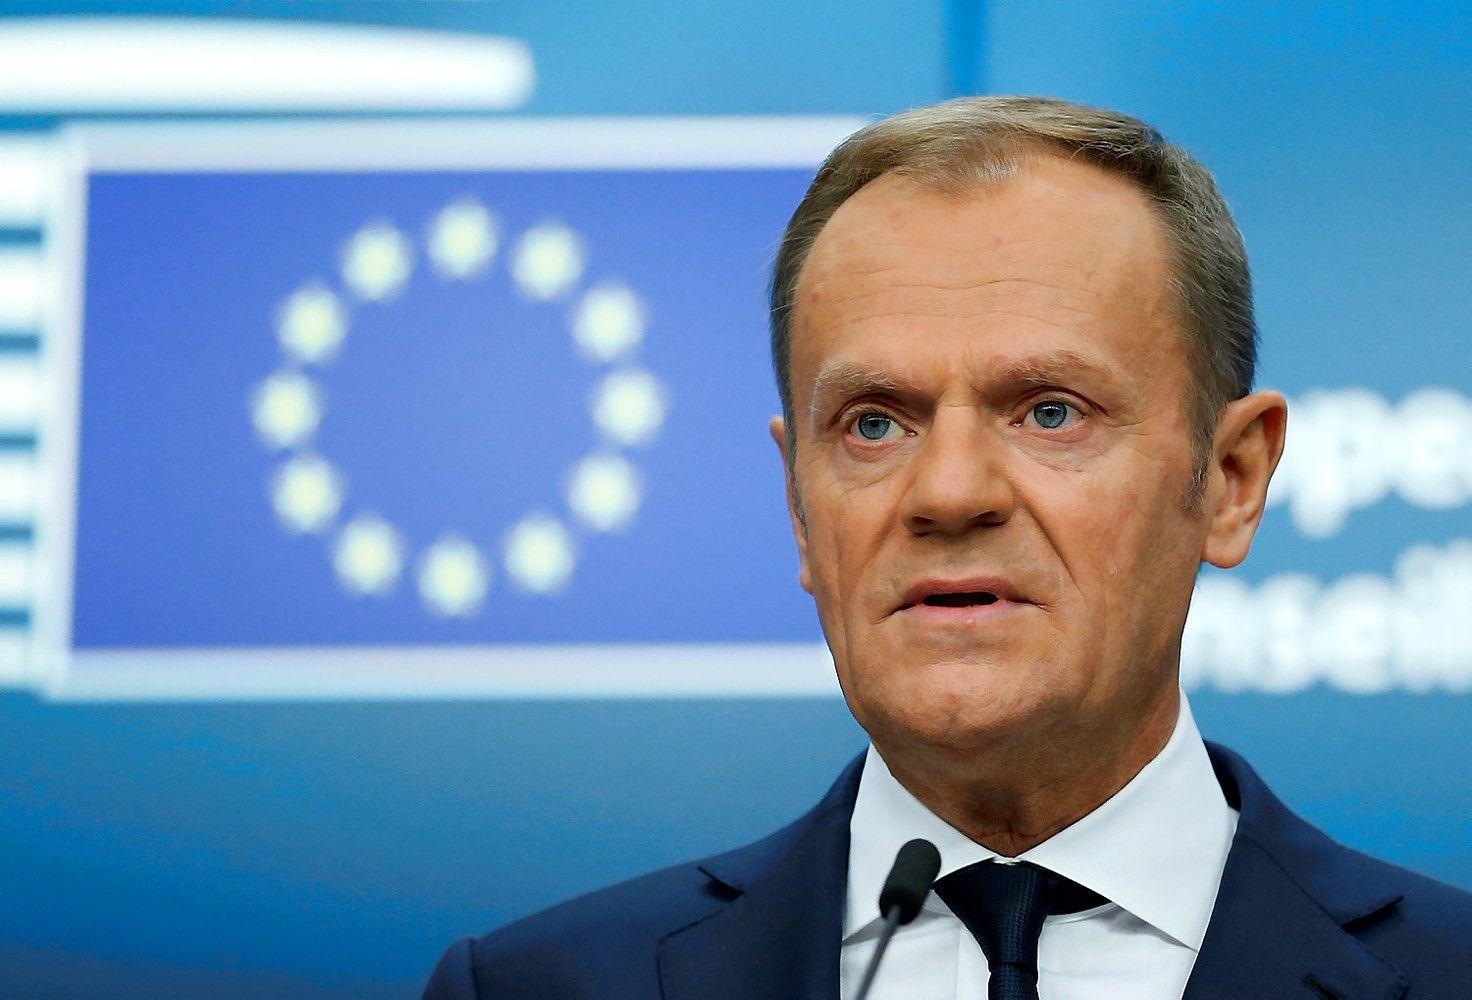 """Tuskas įspėjo dėl """"Polexit"""", jei Lenkija netektų ES paramos"""